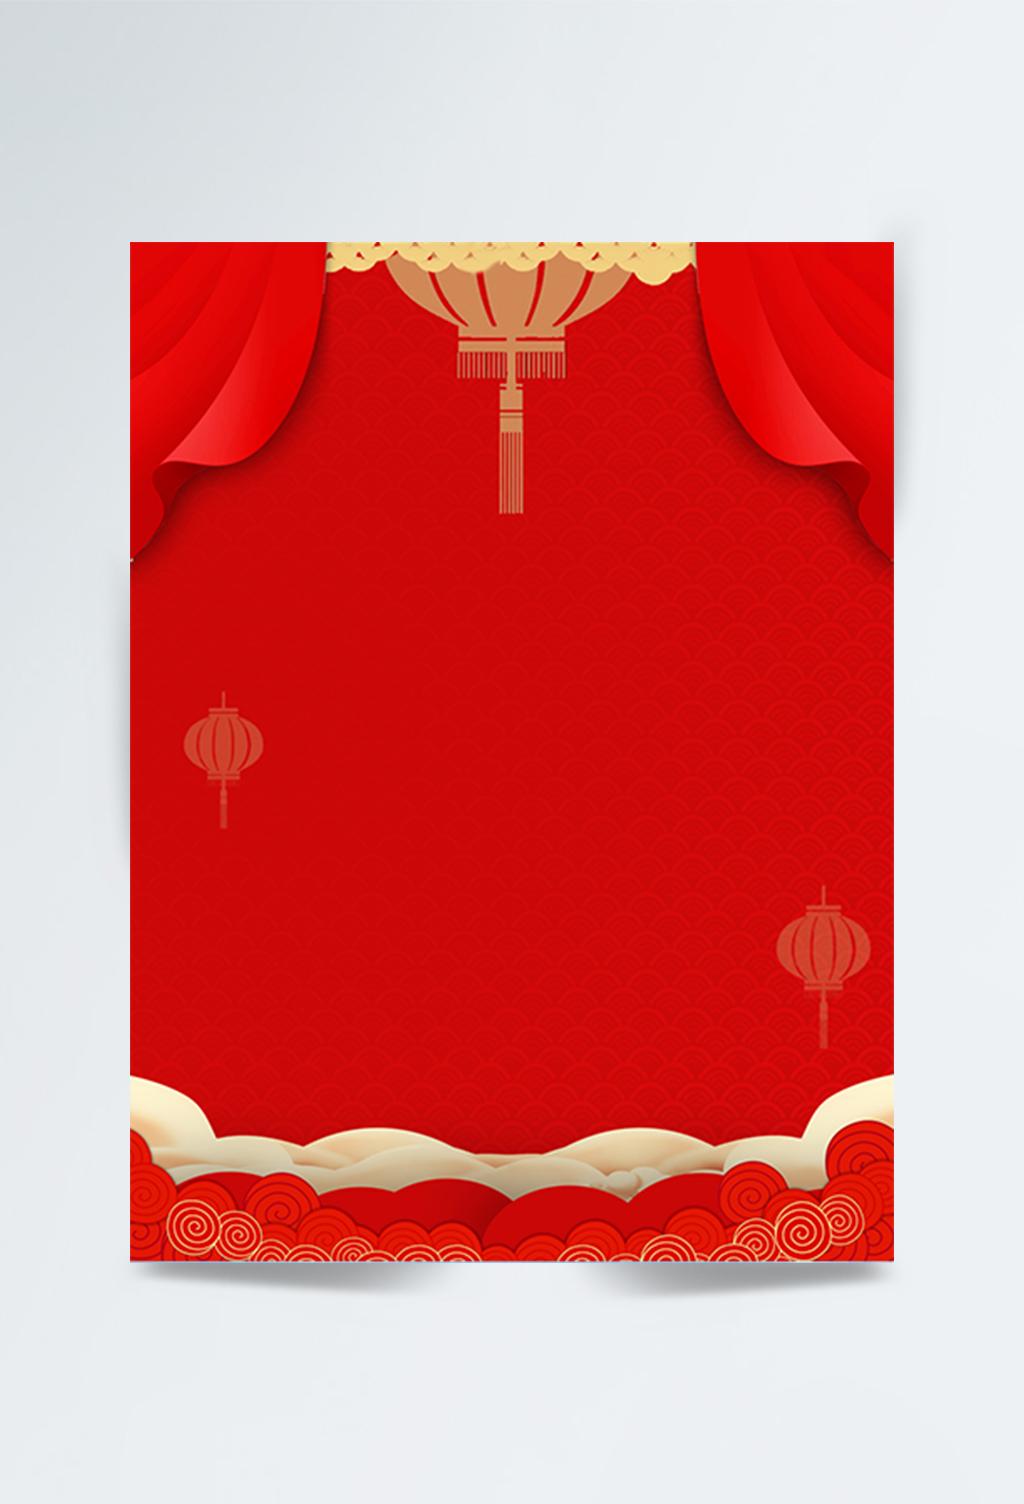 中国风红色喜庆背景